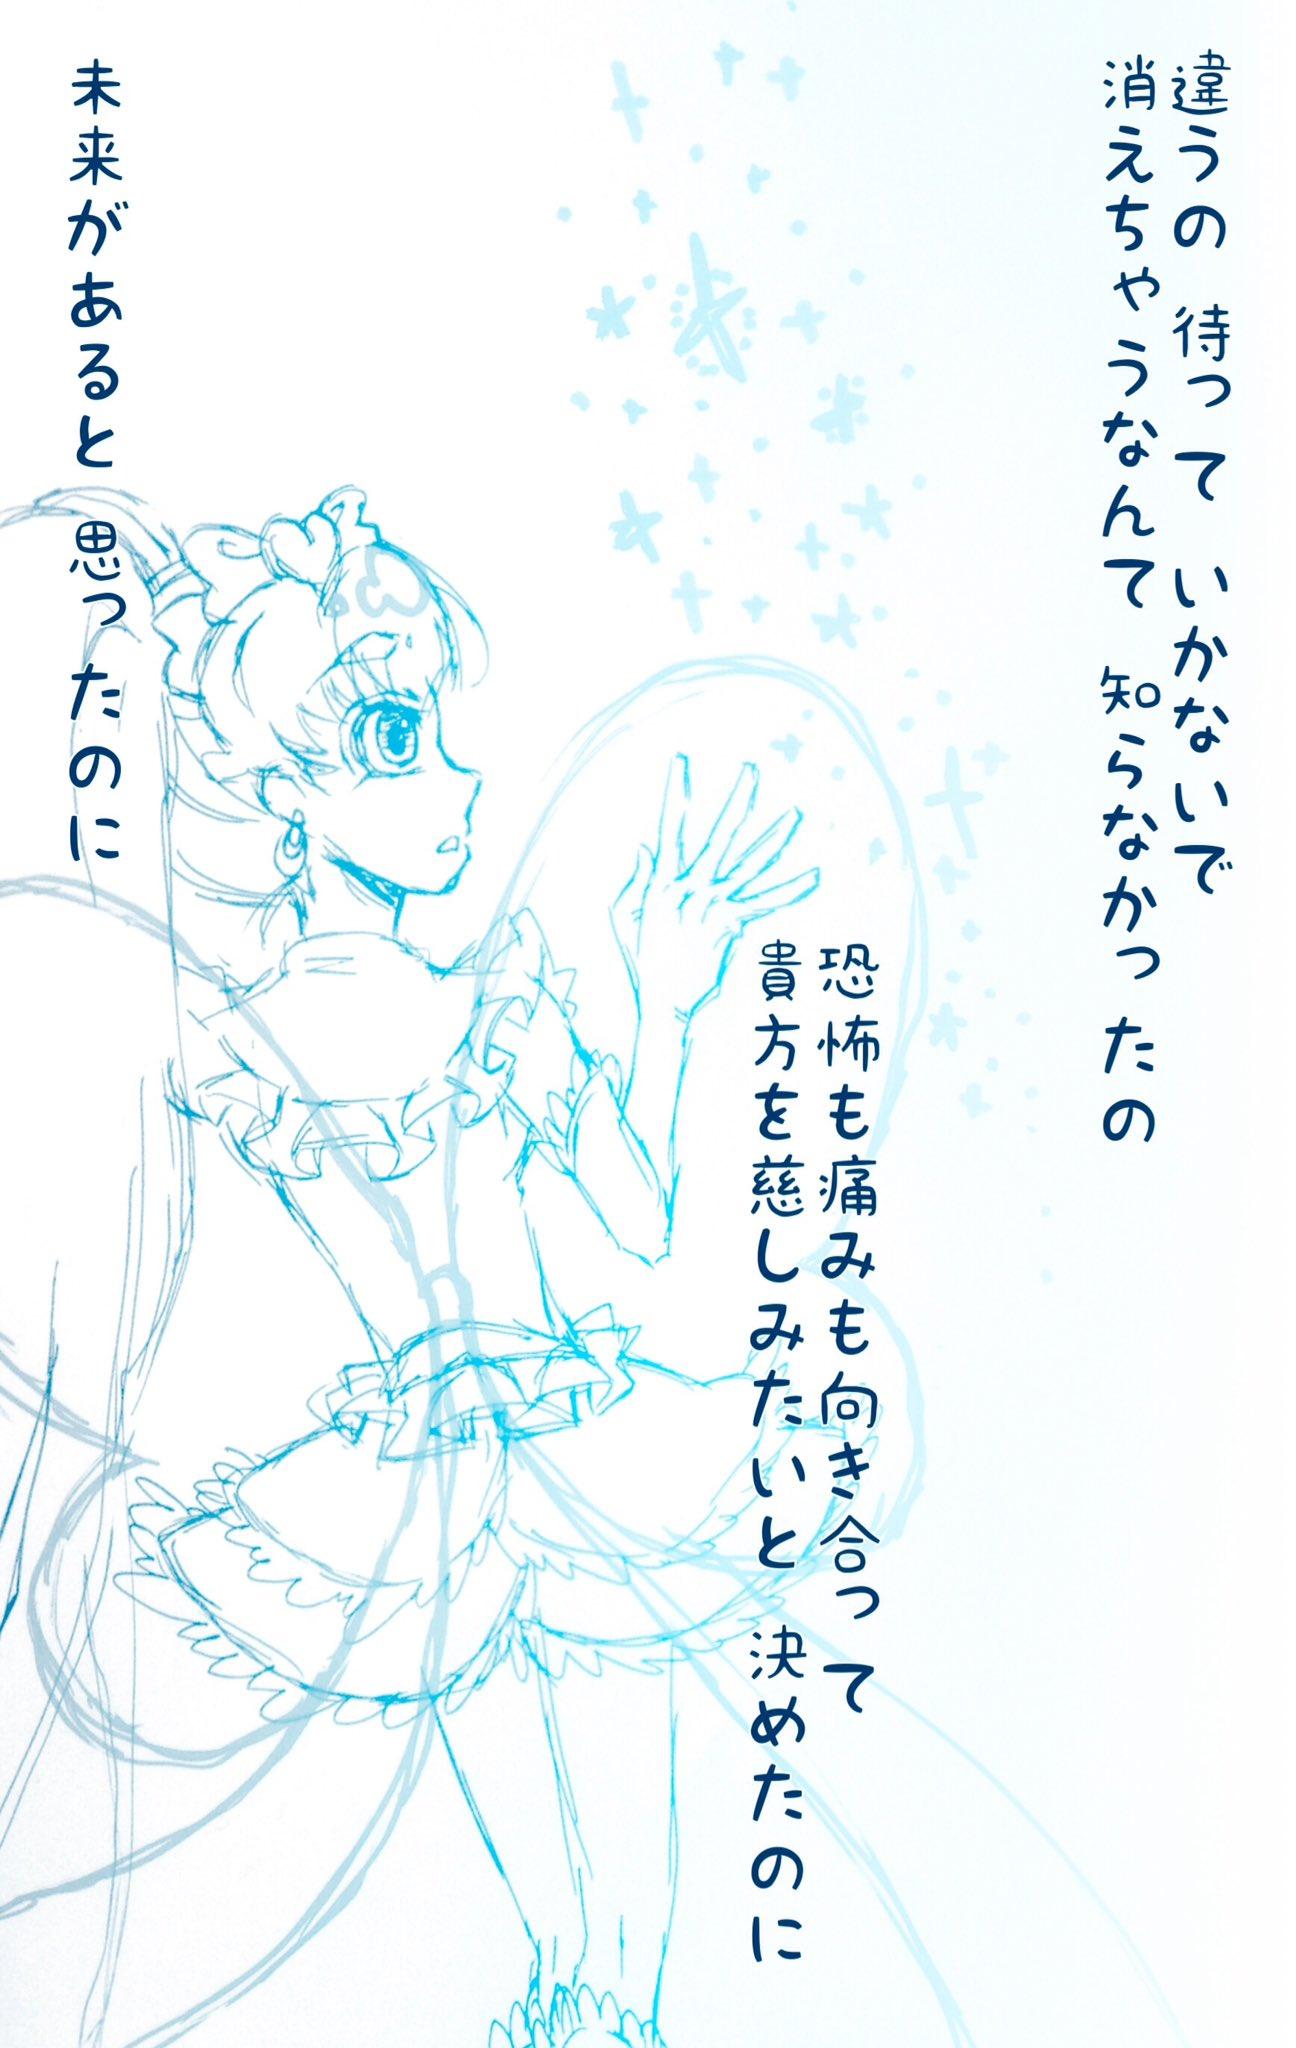 凜樹とおる@おえかき (@buji__kaeru)さんのイラスト